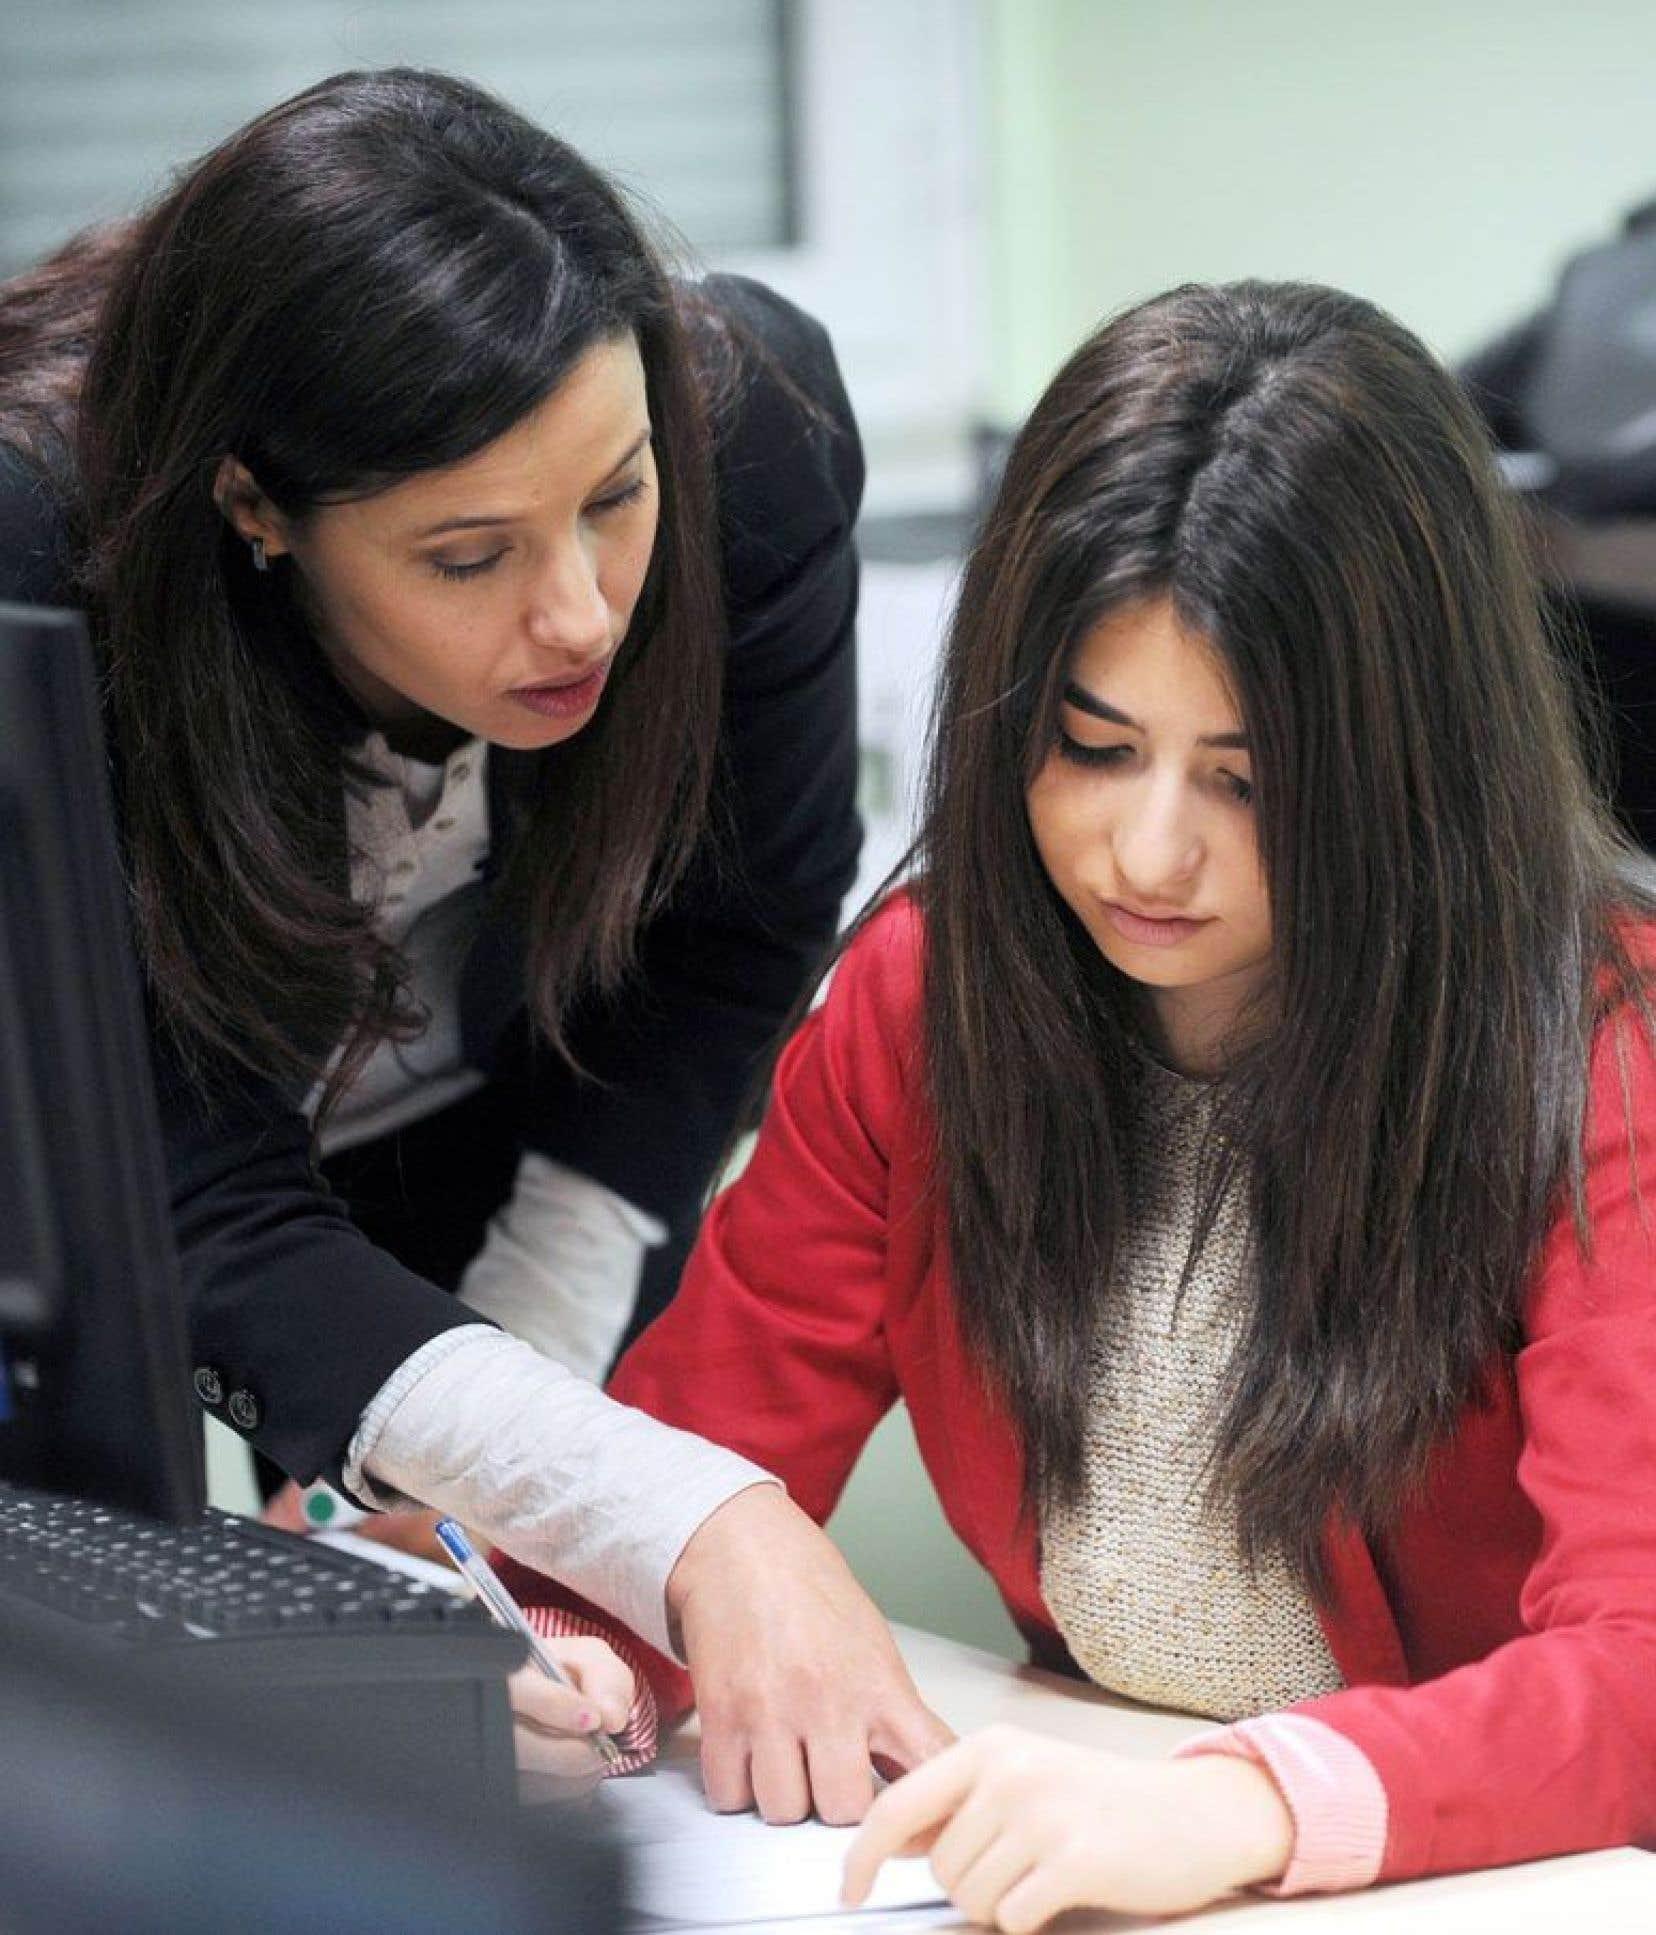 L'Association québécoise des troubles d'apprentissage (AQETA), qui veut être la référence en la matière et qui propose d'éclairer le sujet, dispose de différentes sections locales.